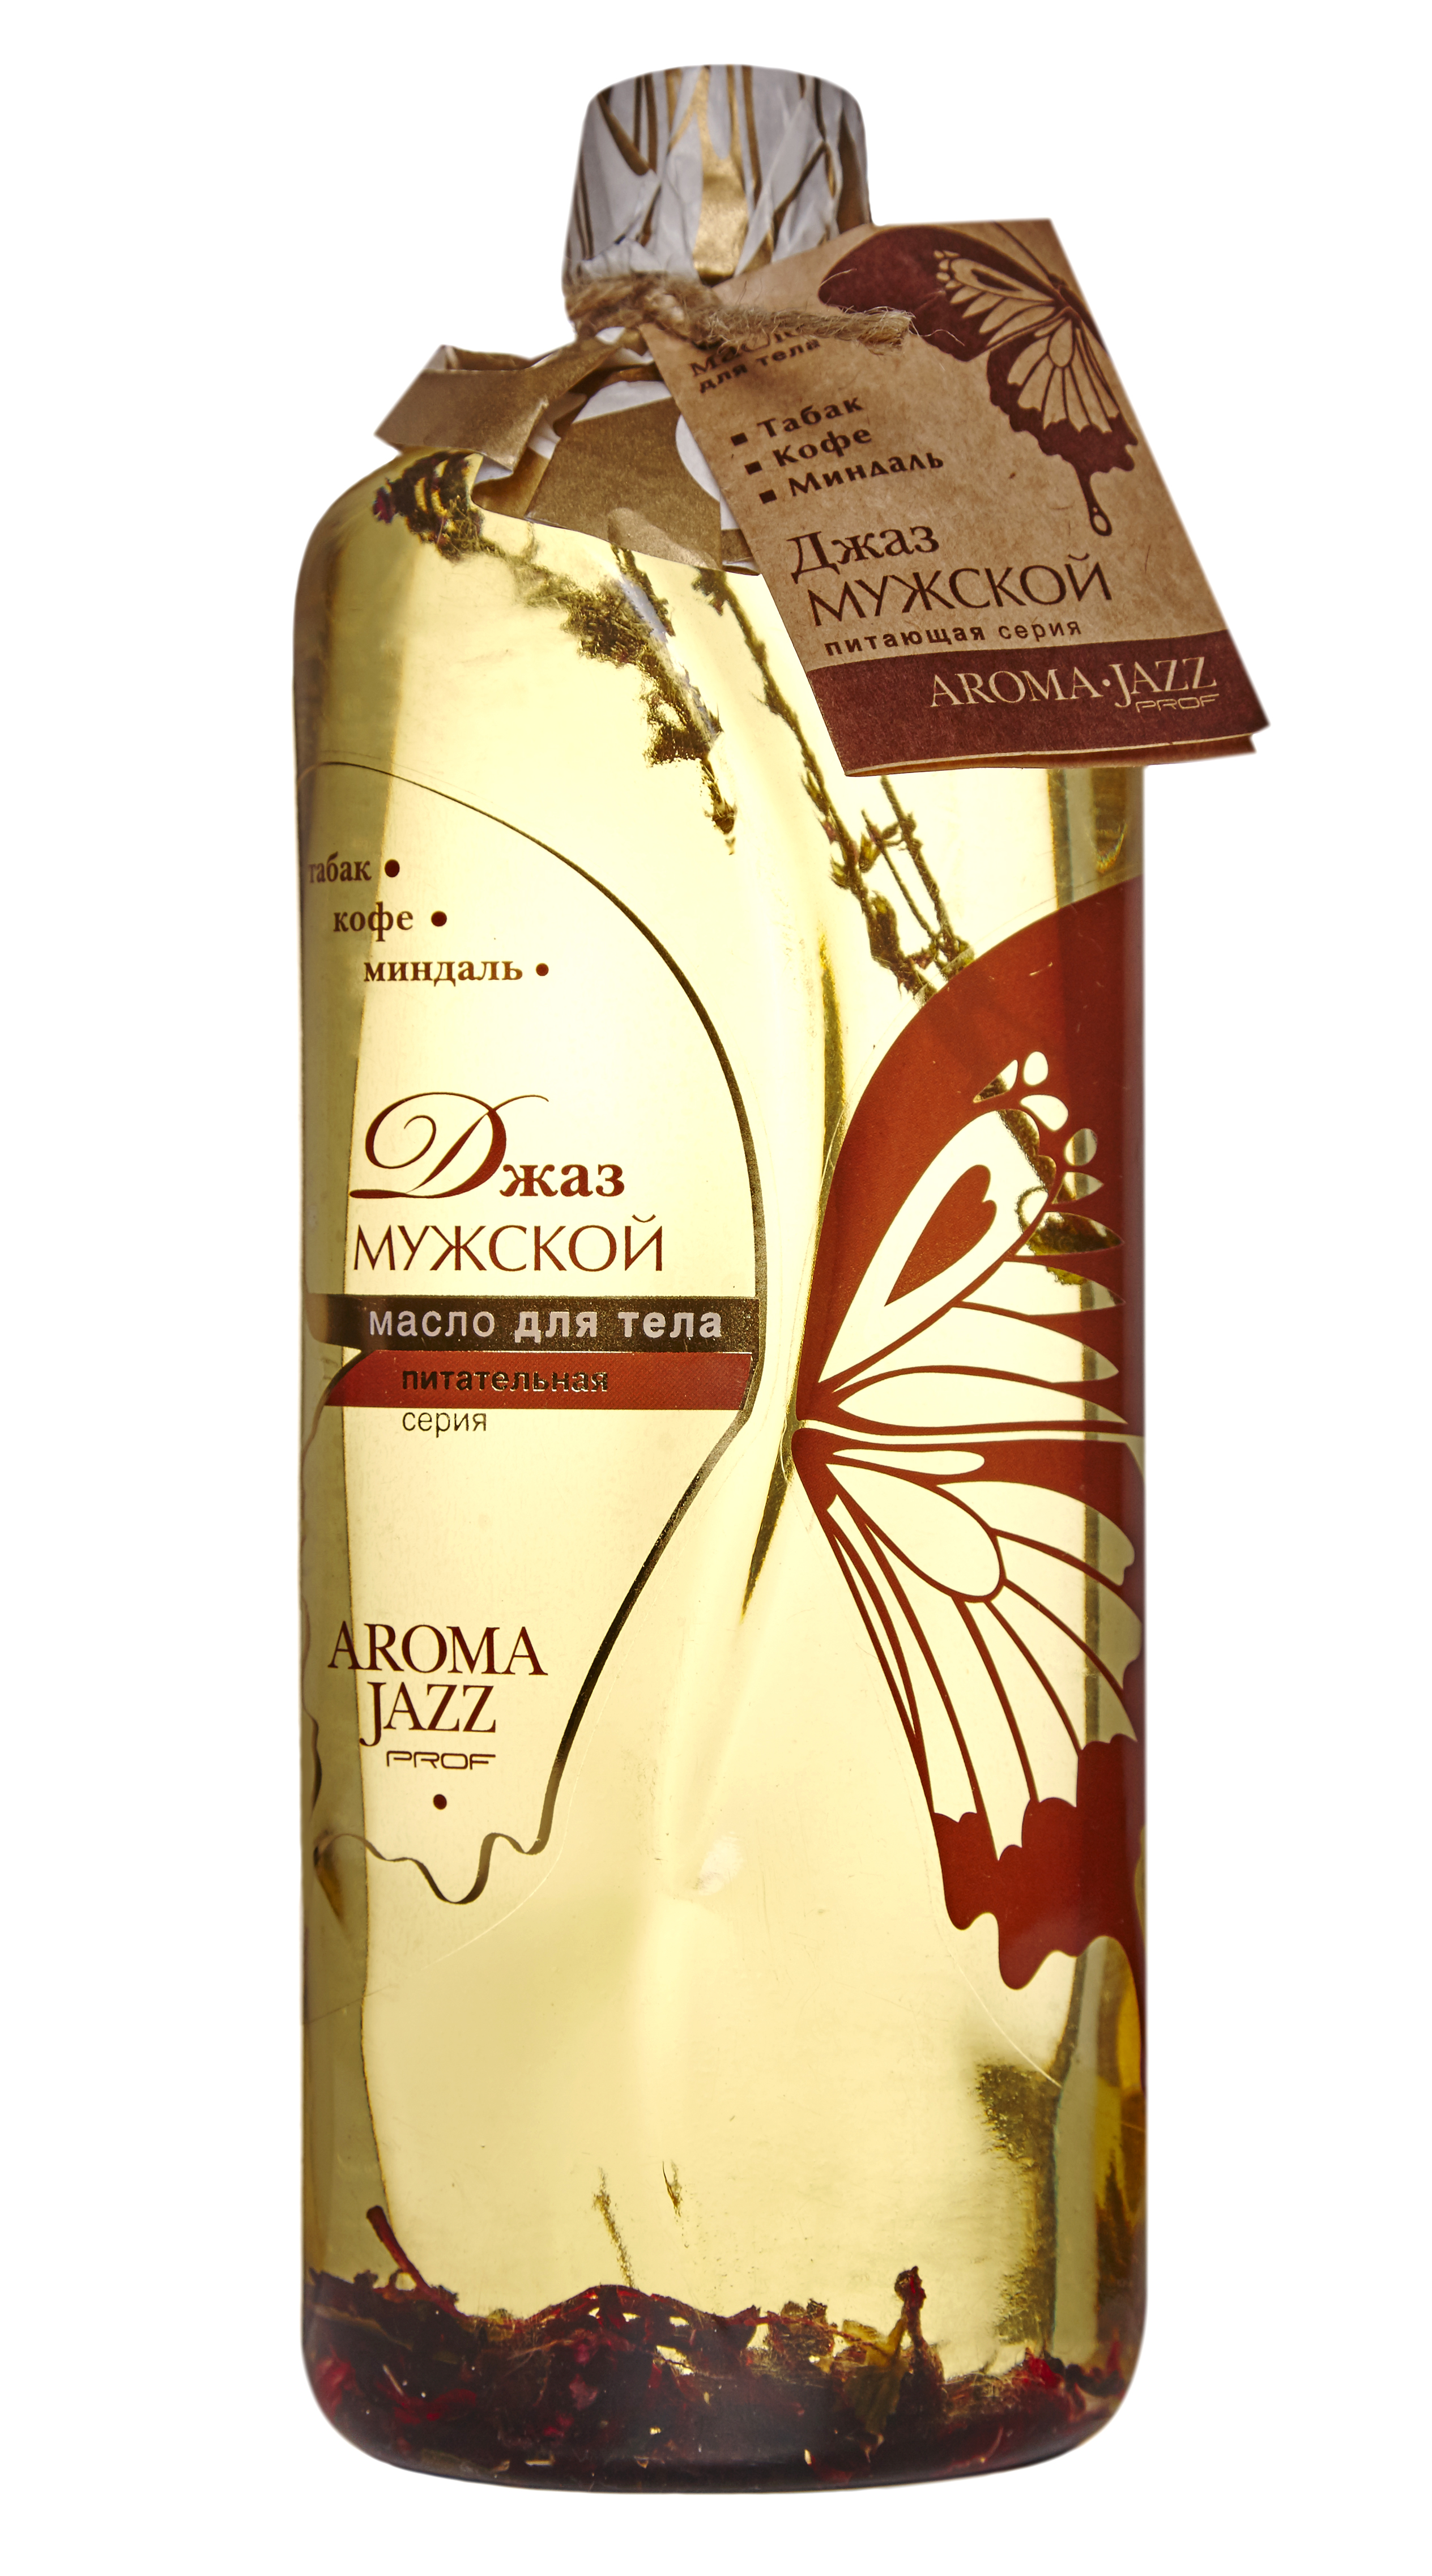 AROMA JAZZ Масло массажное жидкое для тела Мужской джаз 1000 мл - Масла